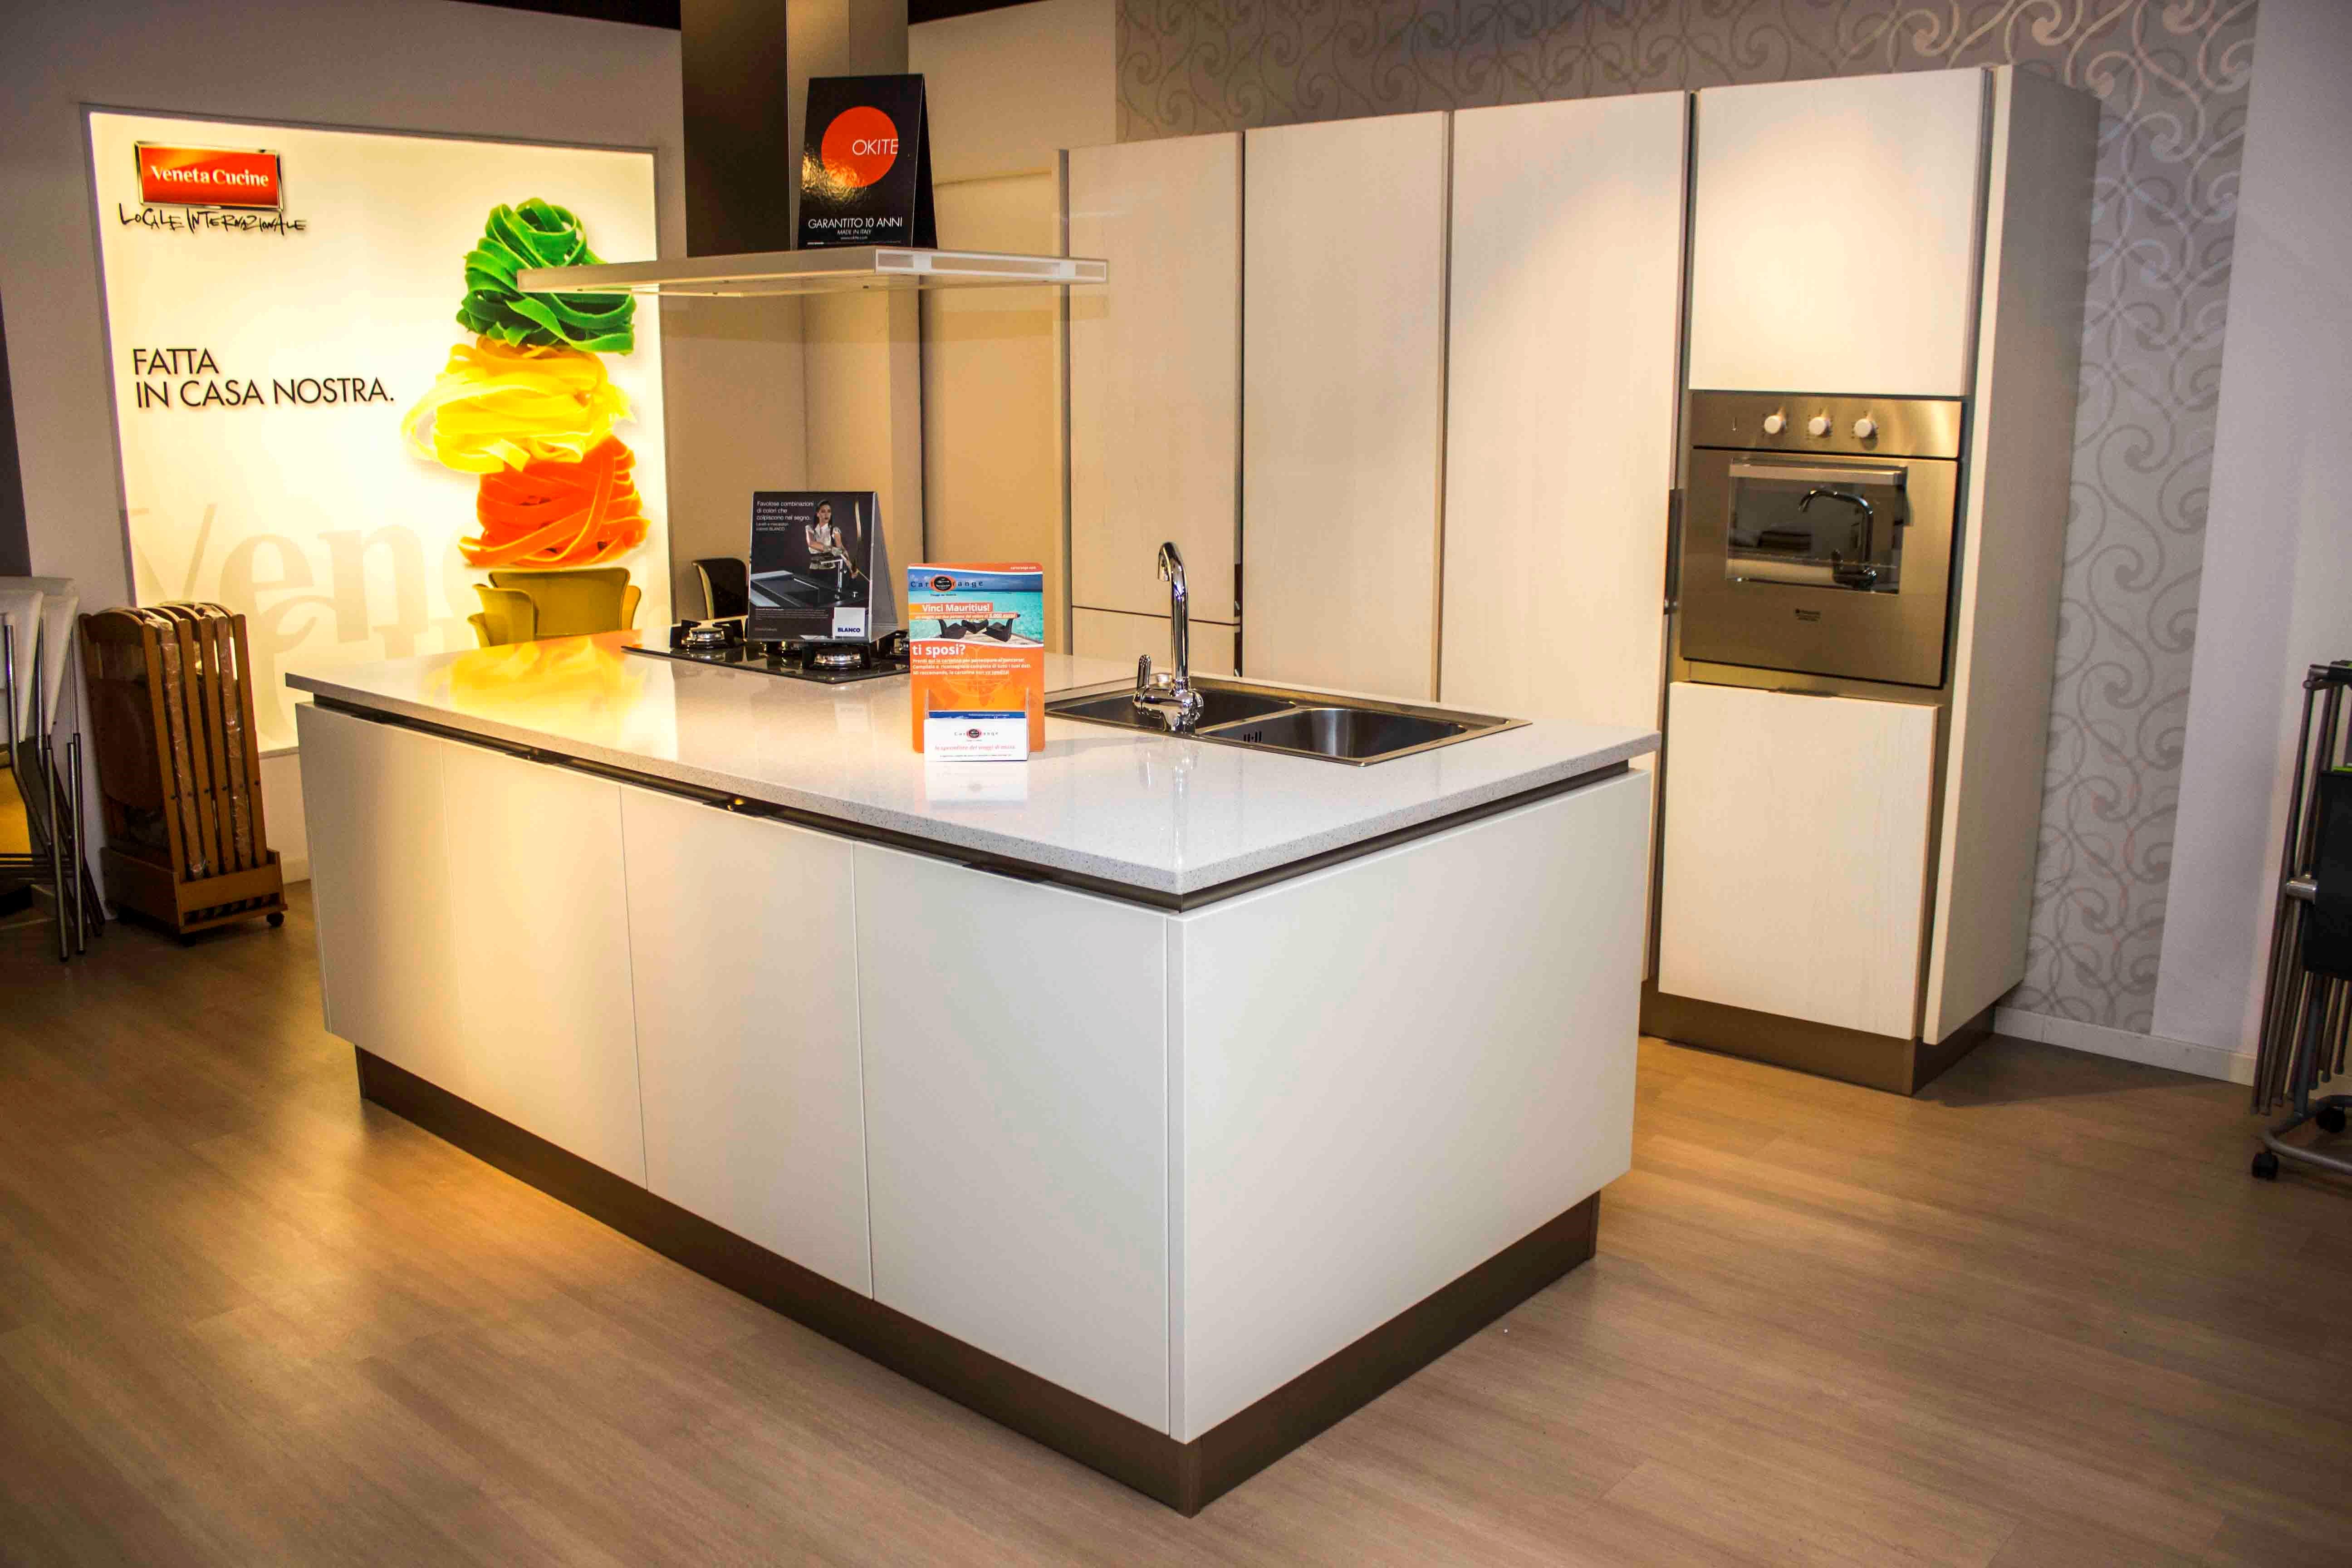 Ikea soluzioni camere ragazzi - Pannelli decorativi prezzi ...